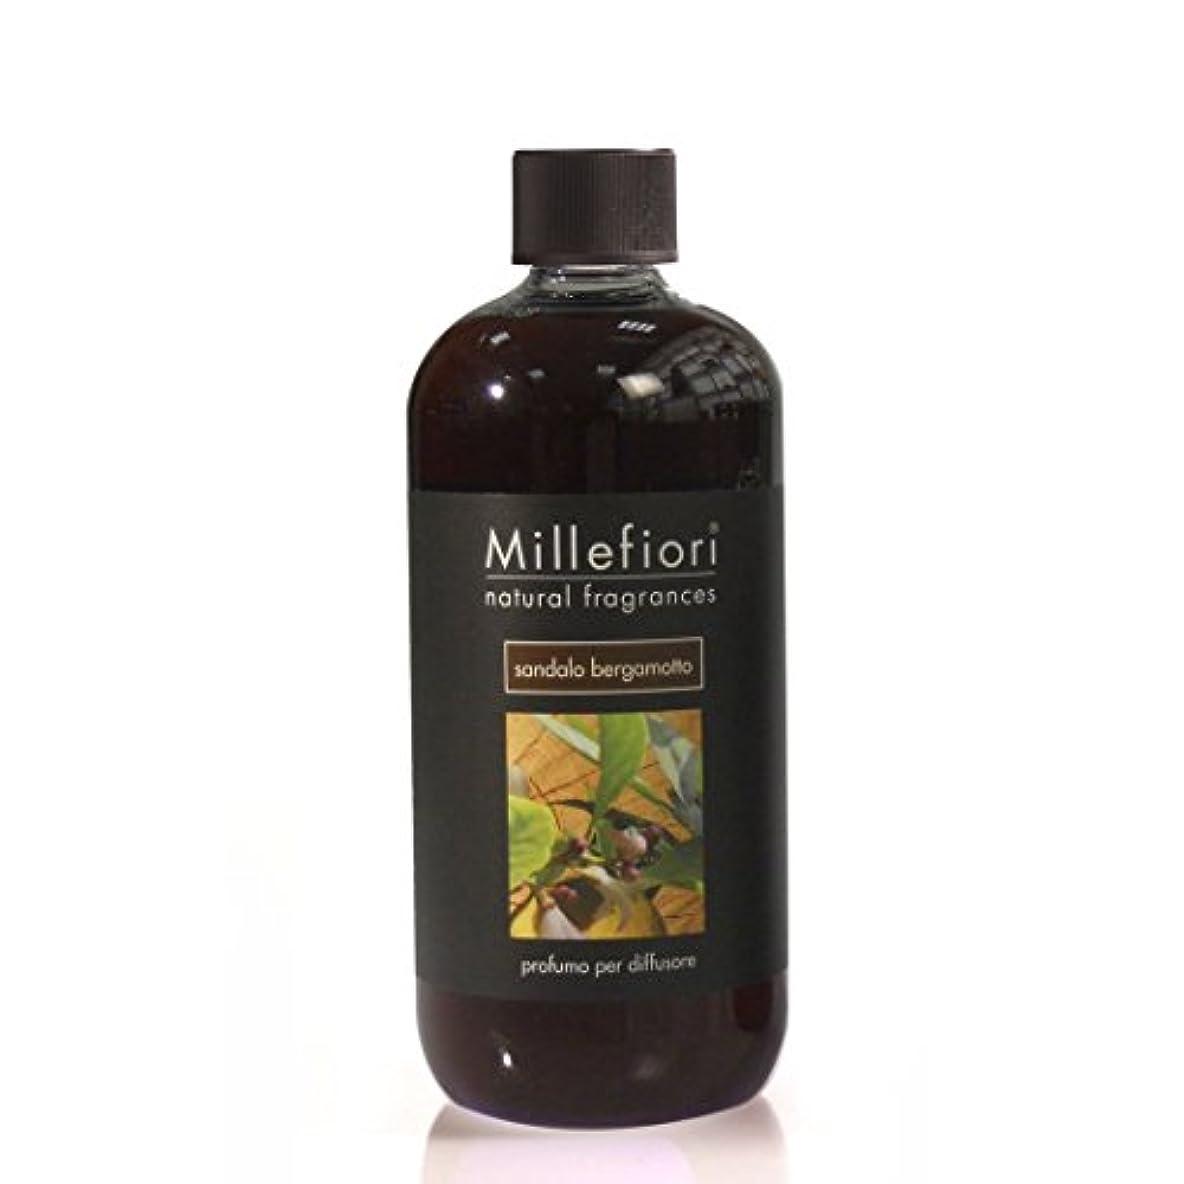 グリーンバックリテラシーたっぷりミッレフィオーリ Natural Fragrance Diffuser Refill - Sandalo Bergamotto 500ml/16.7oz並行輸入品